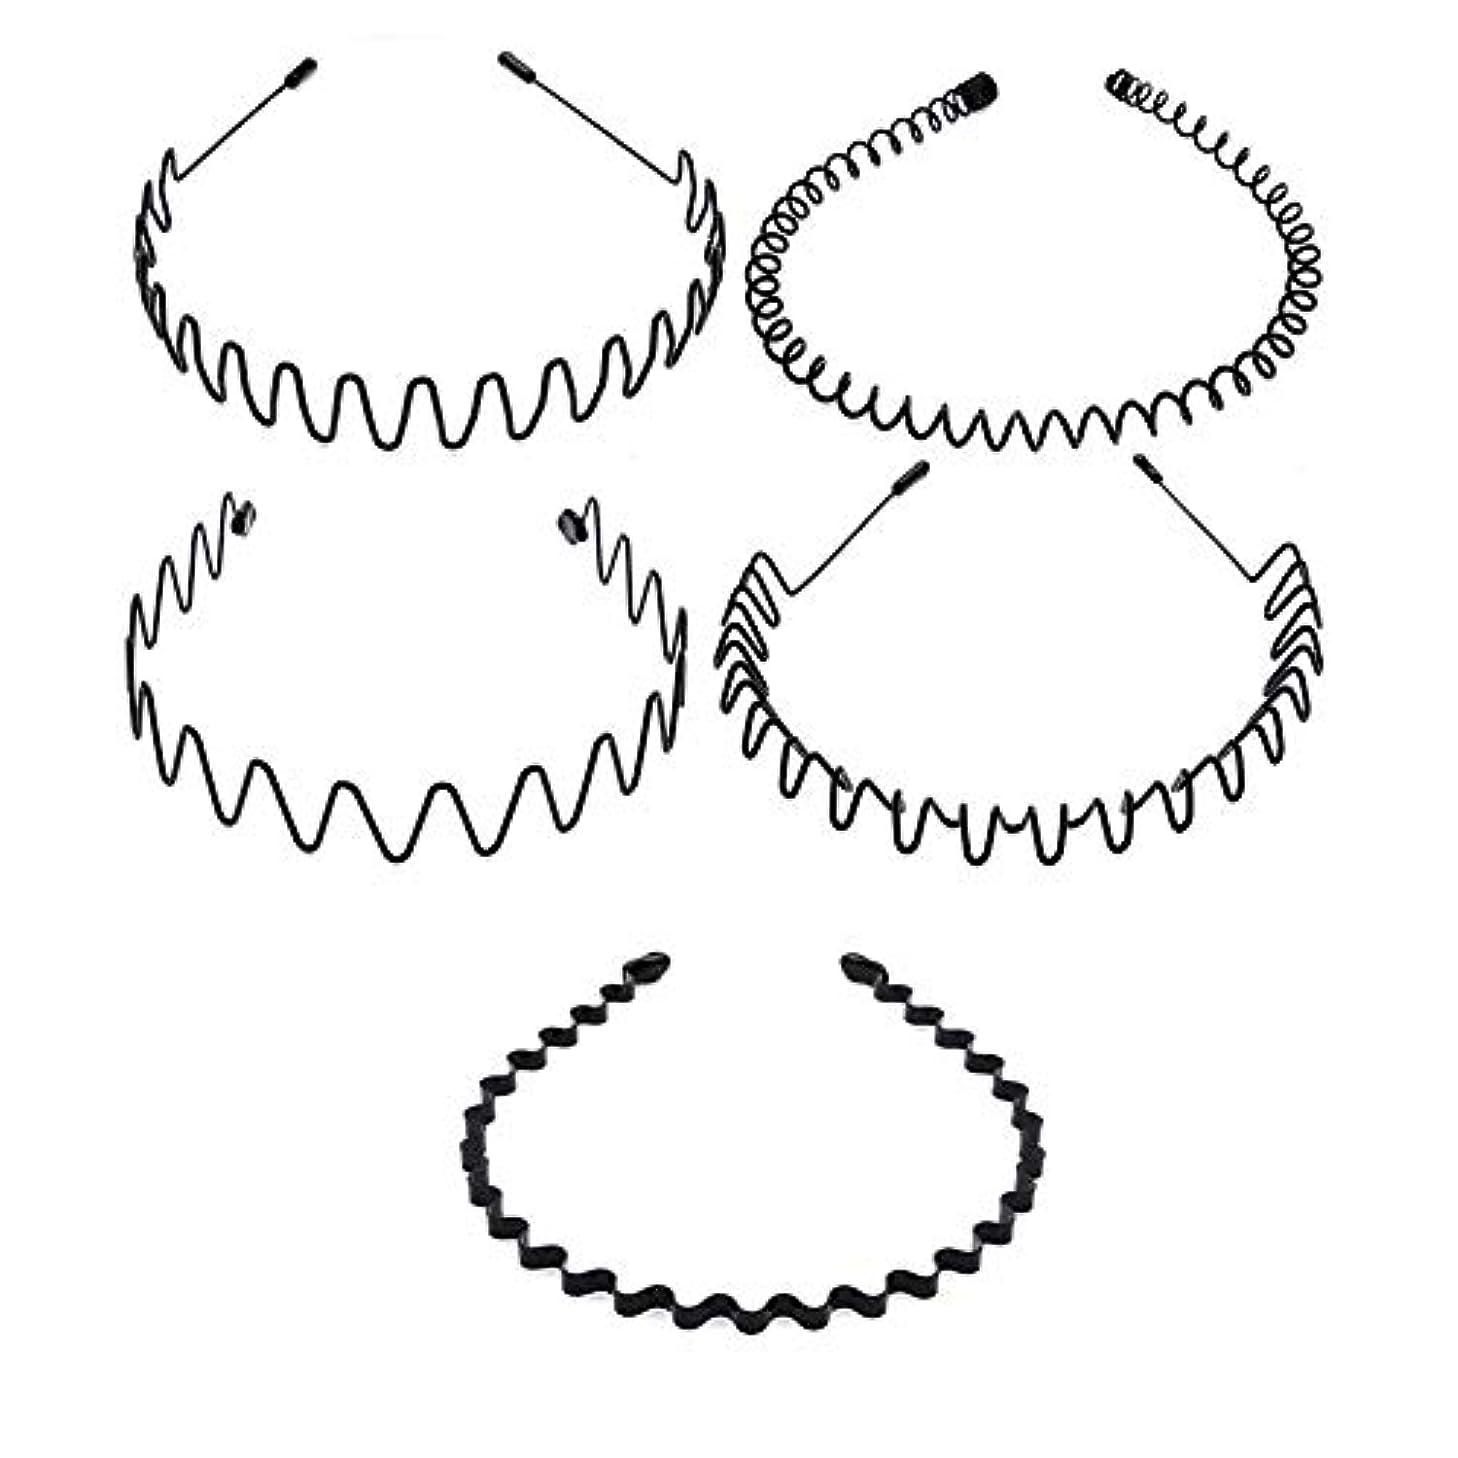 モッキンバード深い履歴書5種類のシンプルな波状ヘッドバンド 非常にニュートラルなヘアクリップ 男性と女性の両方が使用可能 黒